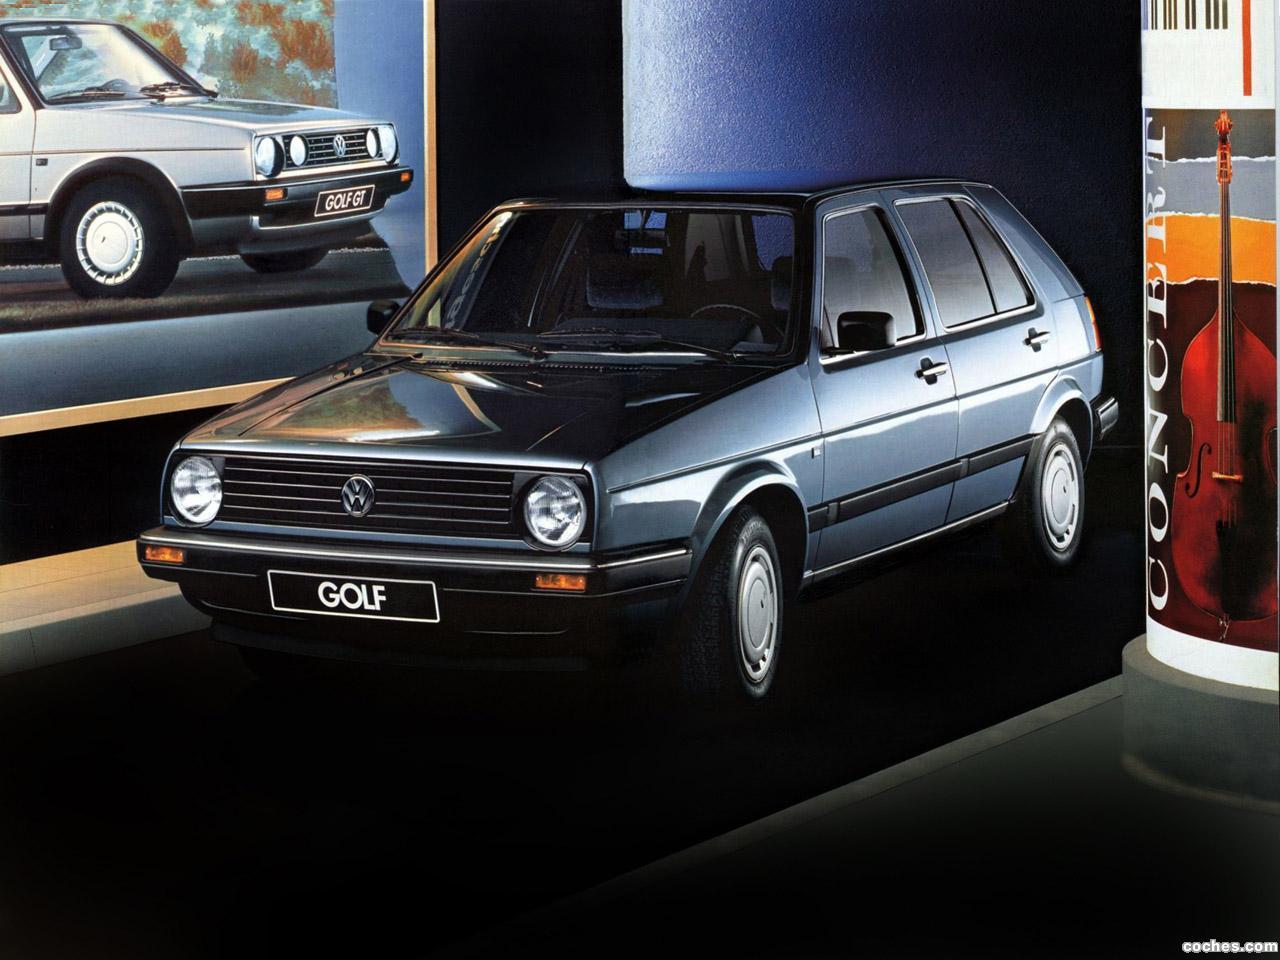 Foto 0 de Volkswagen Golf II 5 puertas 1987